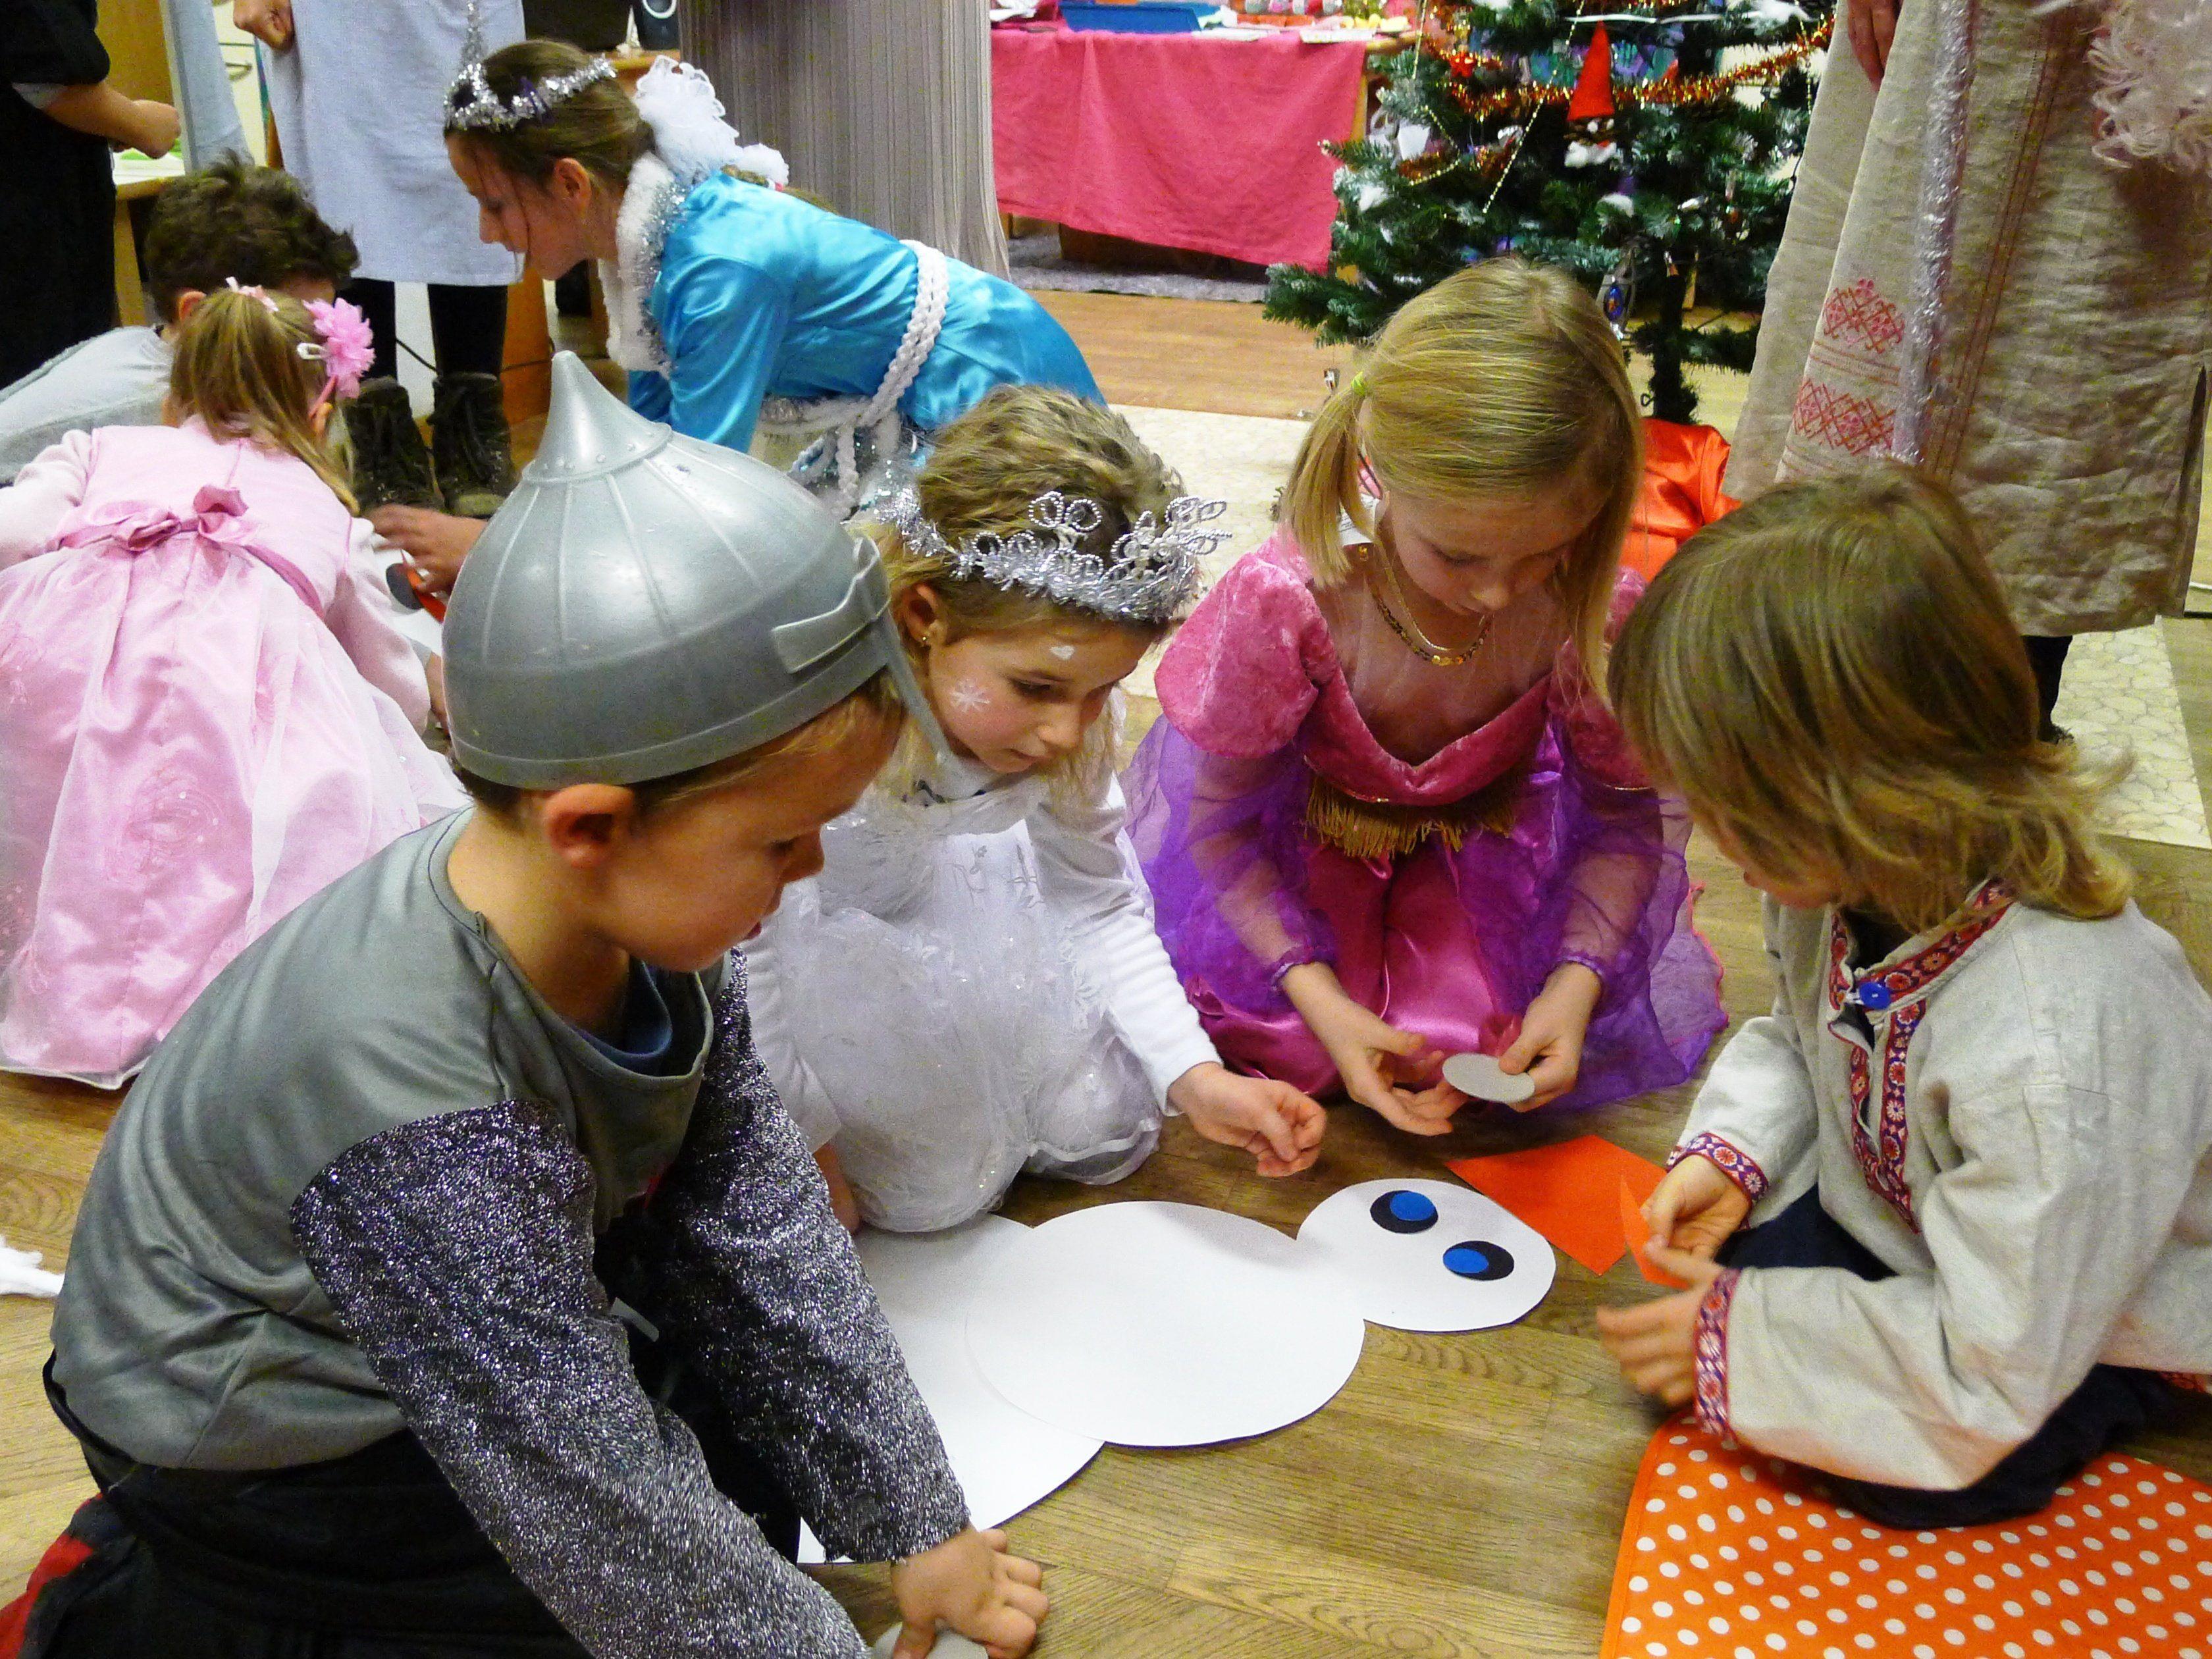 Die Kinder aus russisch-deutschsprachigen Familien feiern ihre Bräuche spielerisch.